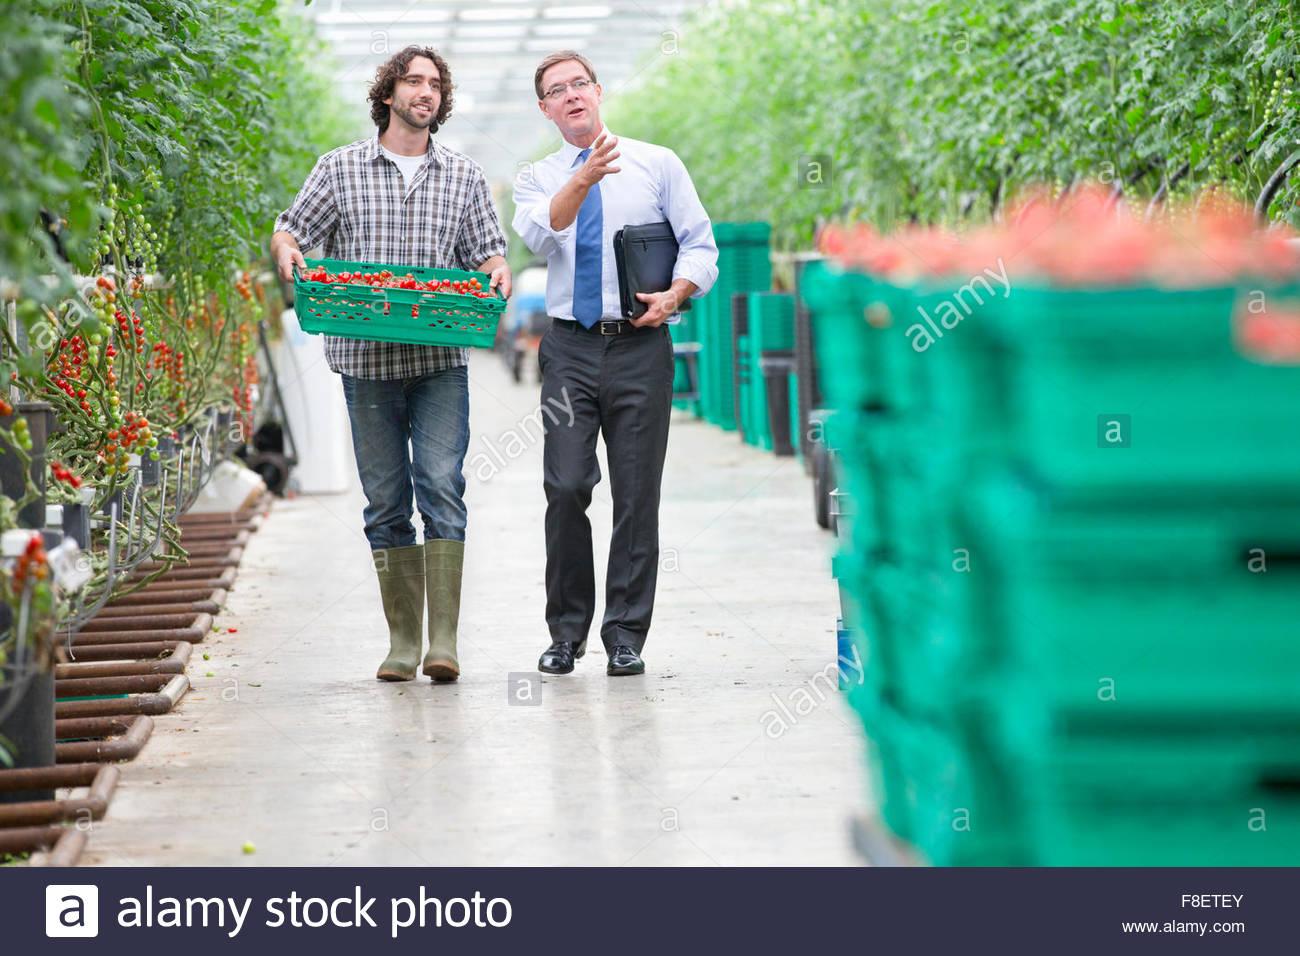 Geschäftsmann und Züchter mit Kiste Tomaten im Gewächshaus Stockbild